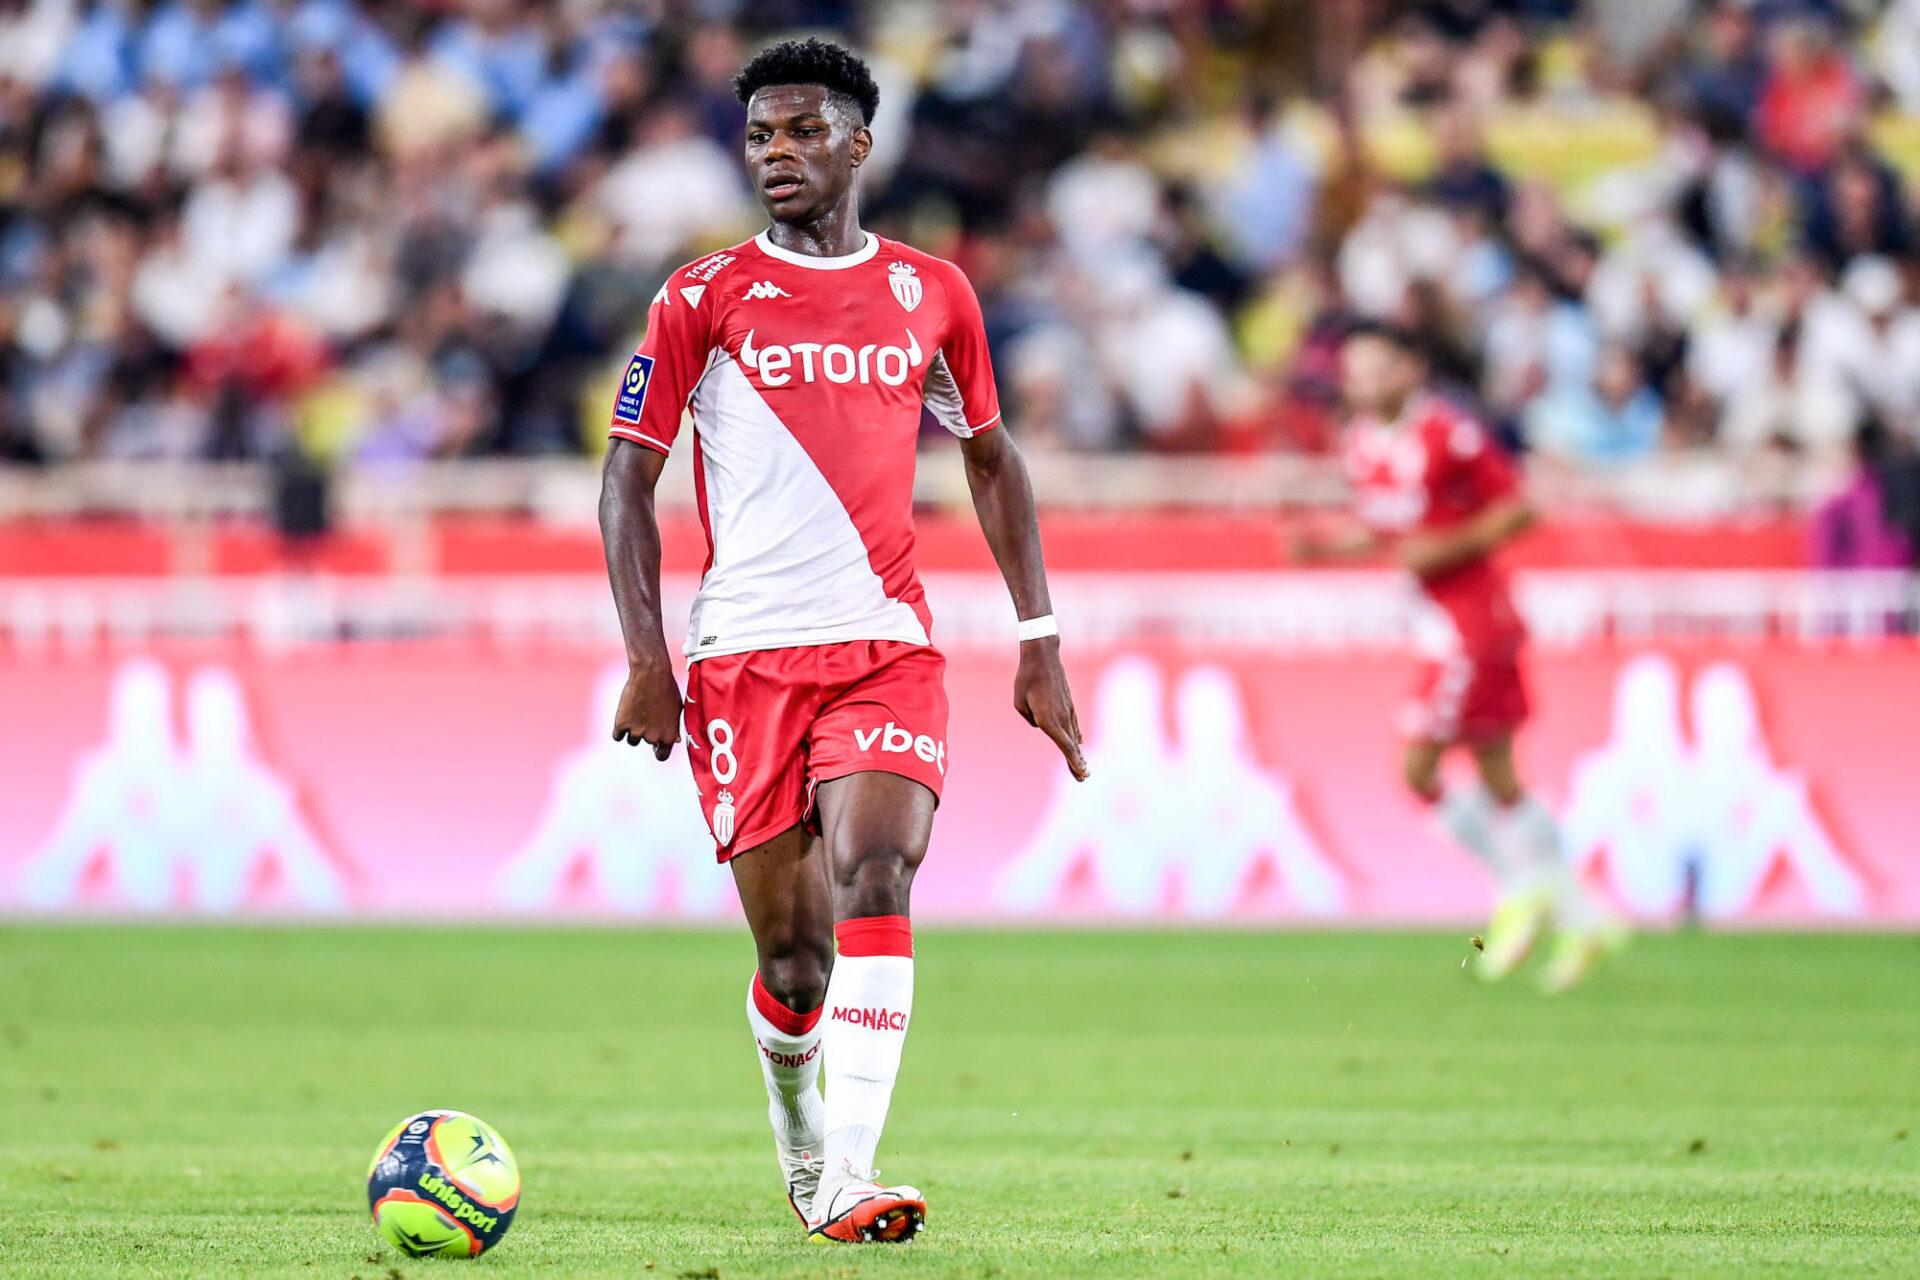 Très en vue avec l'équipe de France, Aurélien Tchouaméni a vcu un dur retour à la réalité avec Monaco contre l'OM. Icon SPort